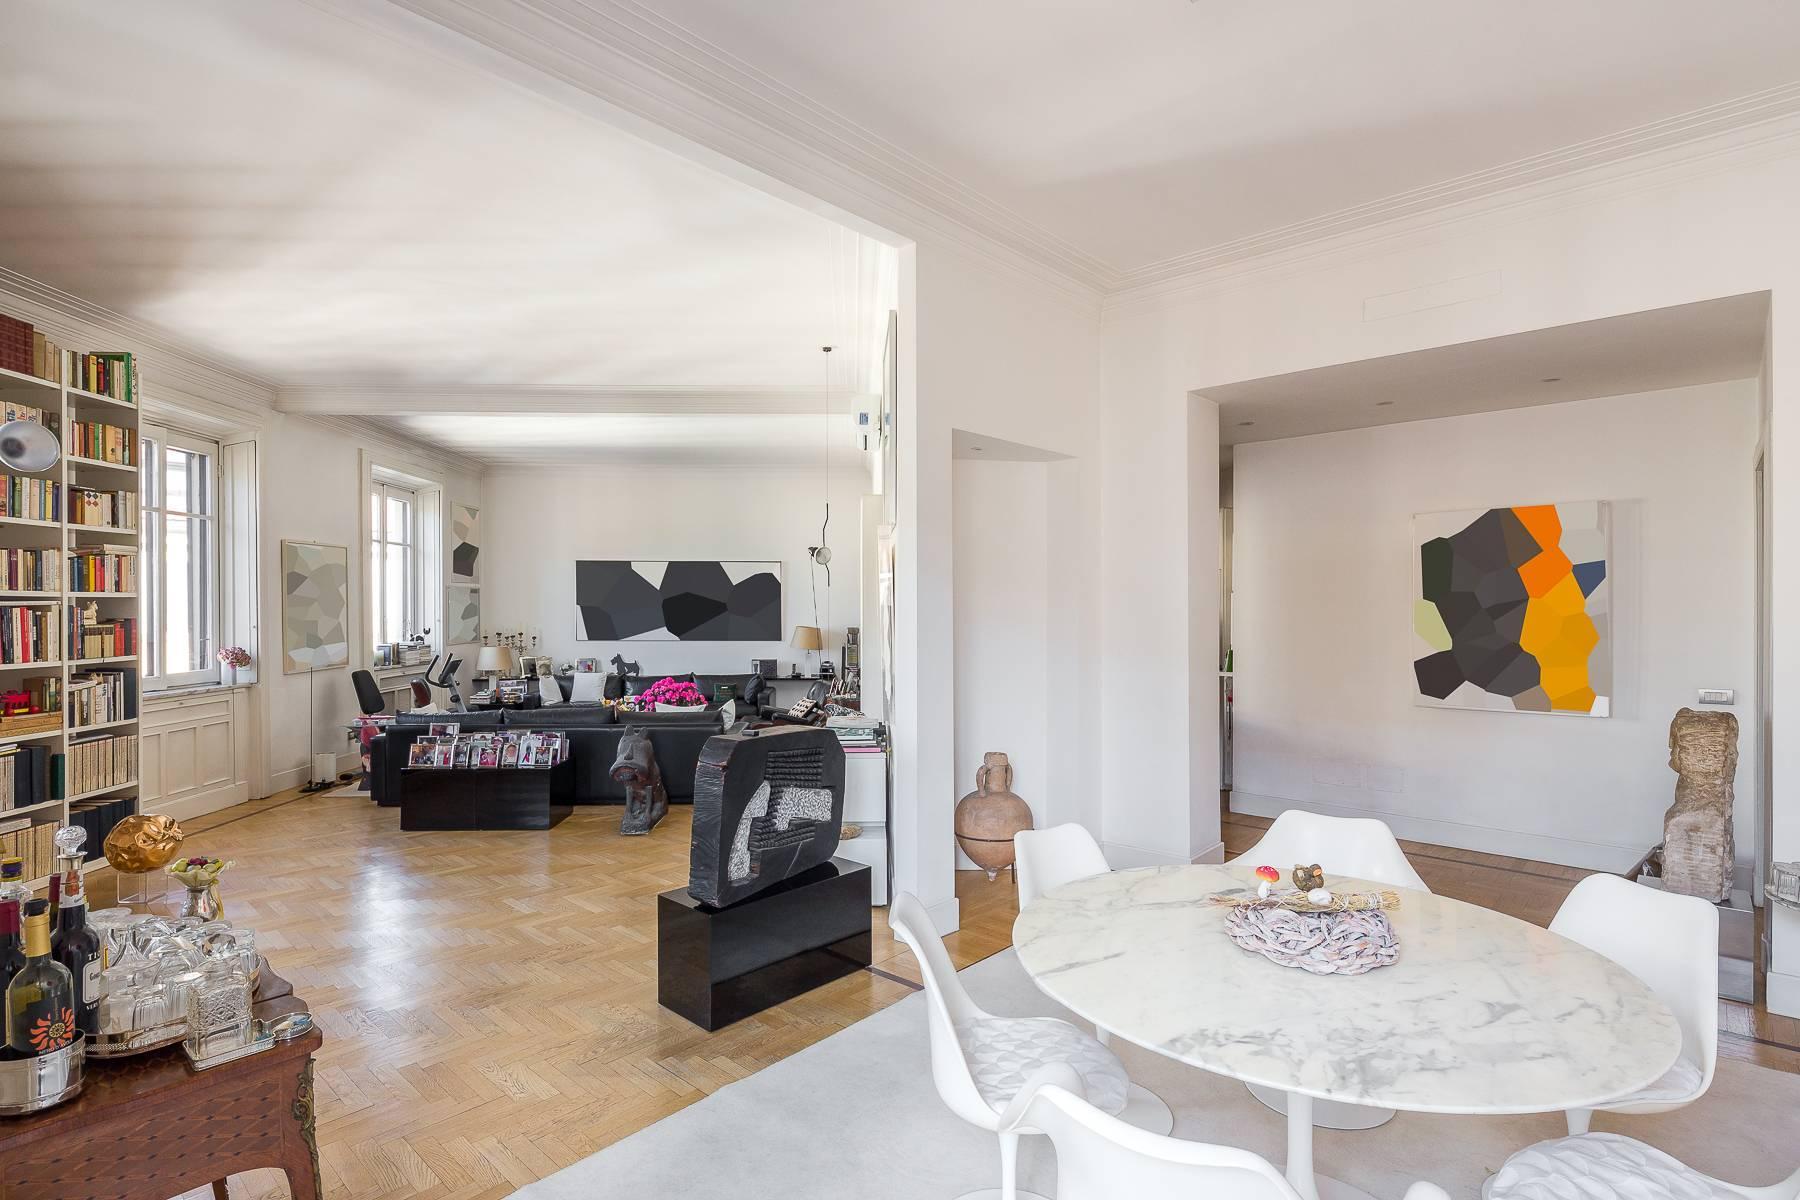 Appartamento esclusivo di 200 mq in nuda proprietà in un palazzo d'epoca - 20